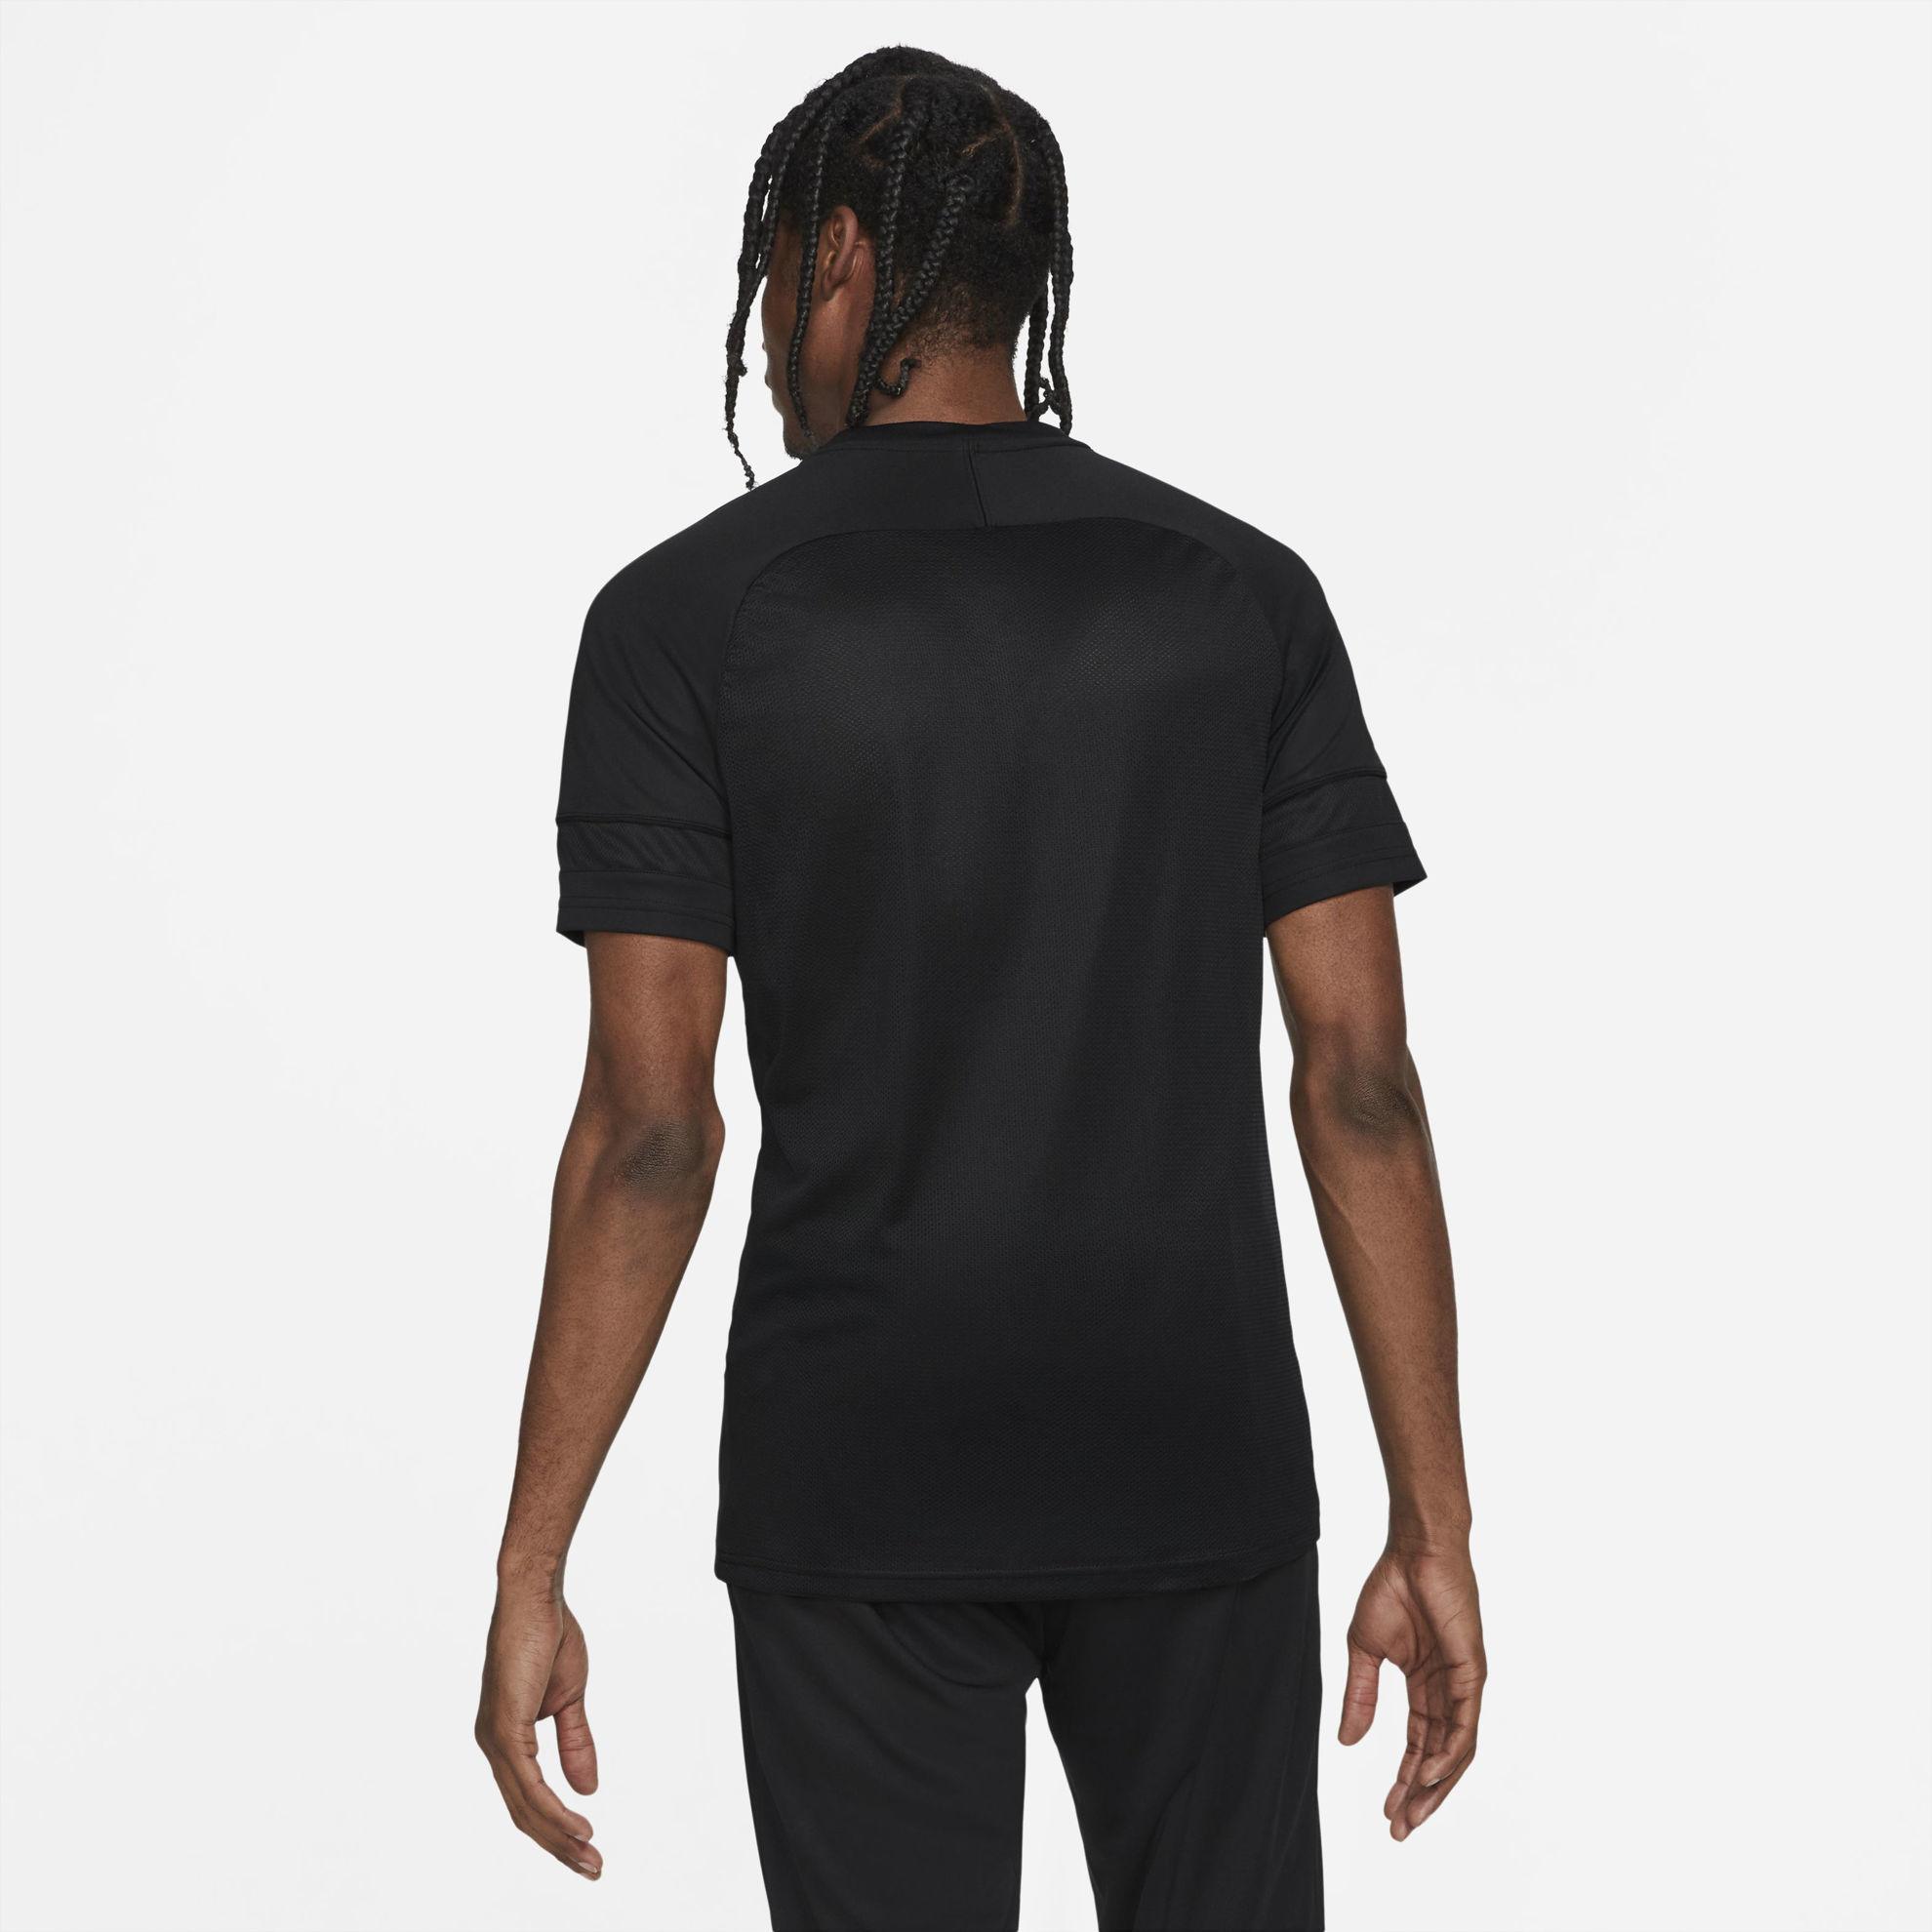 Bilde av Nike mens acd21 top ss CW6101-011